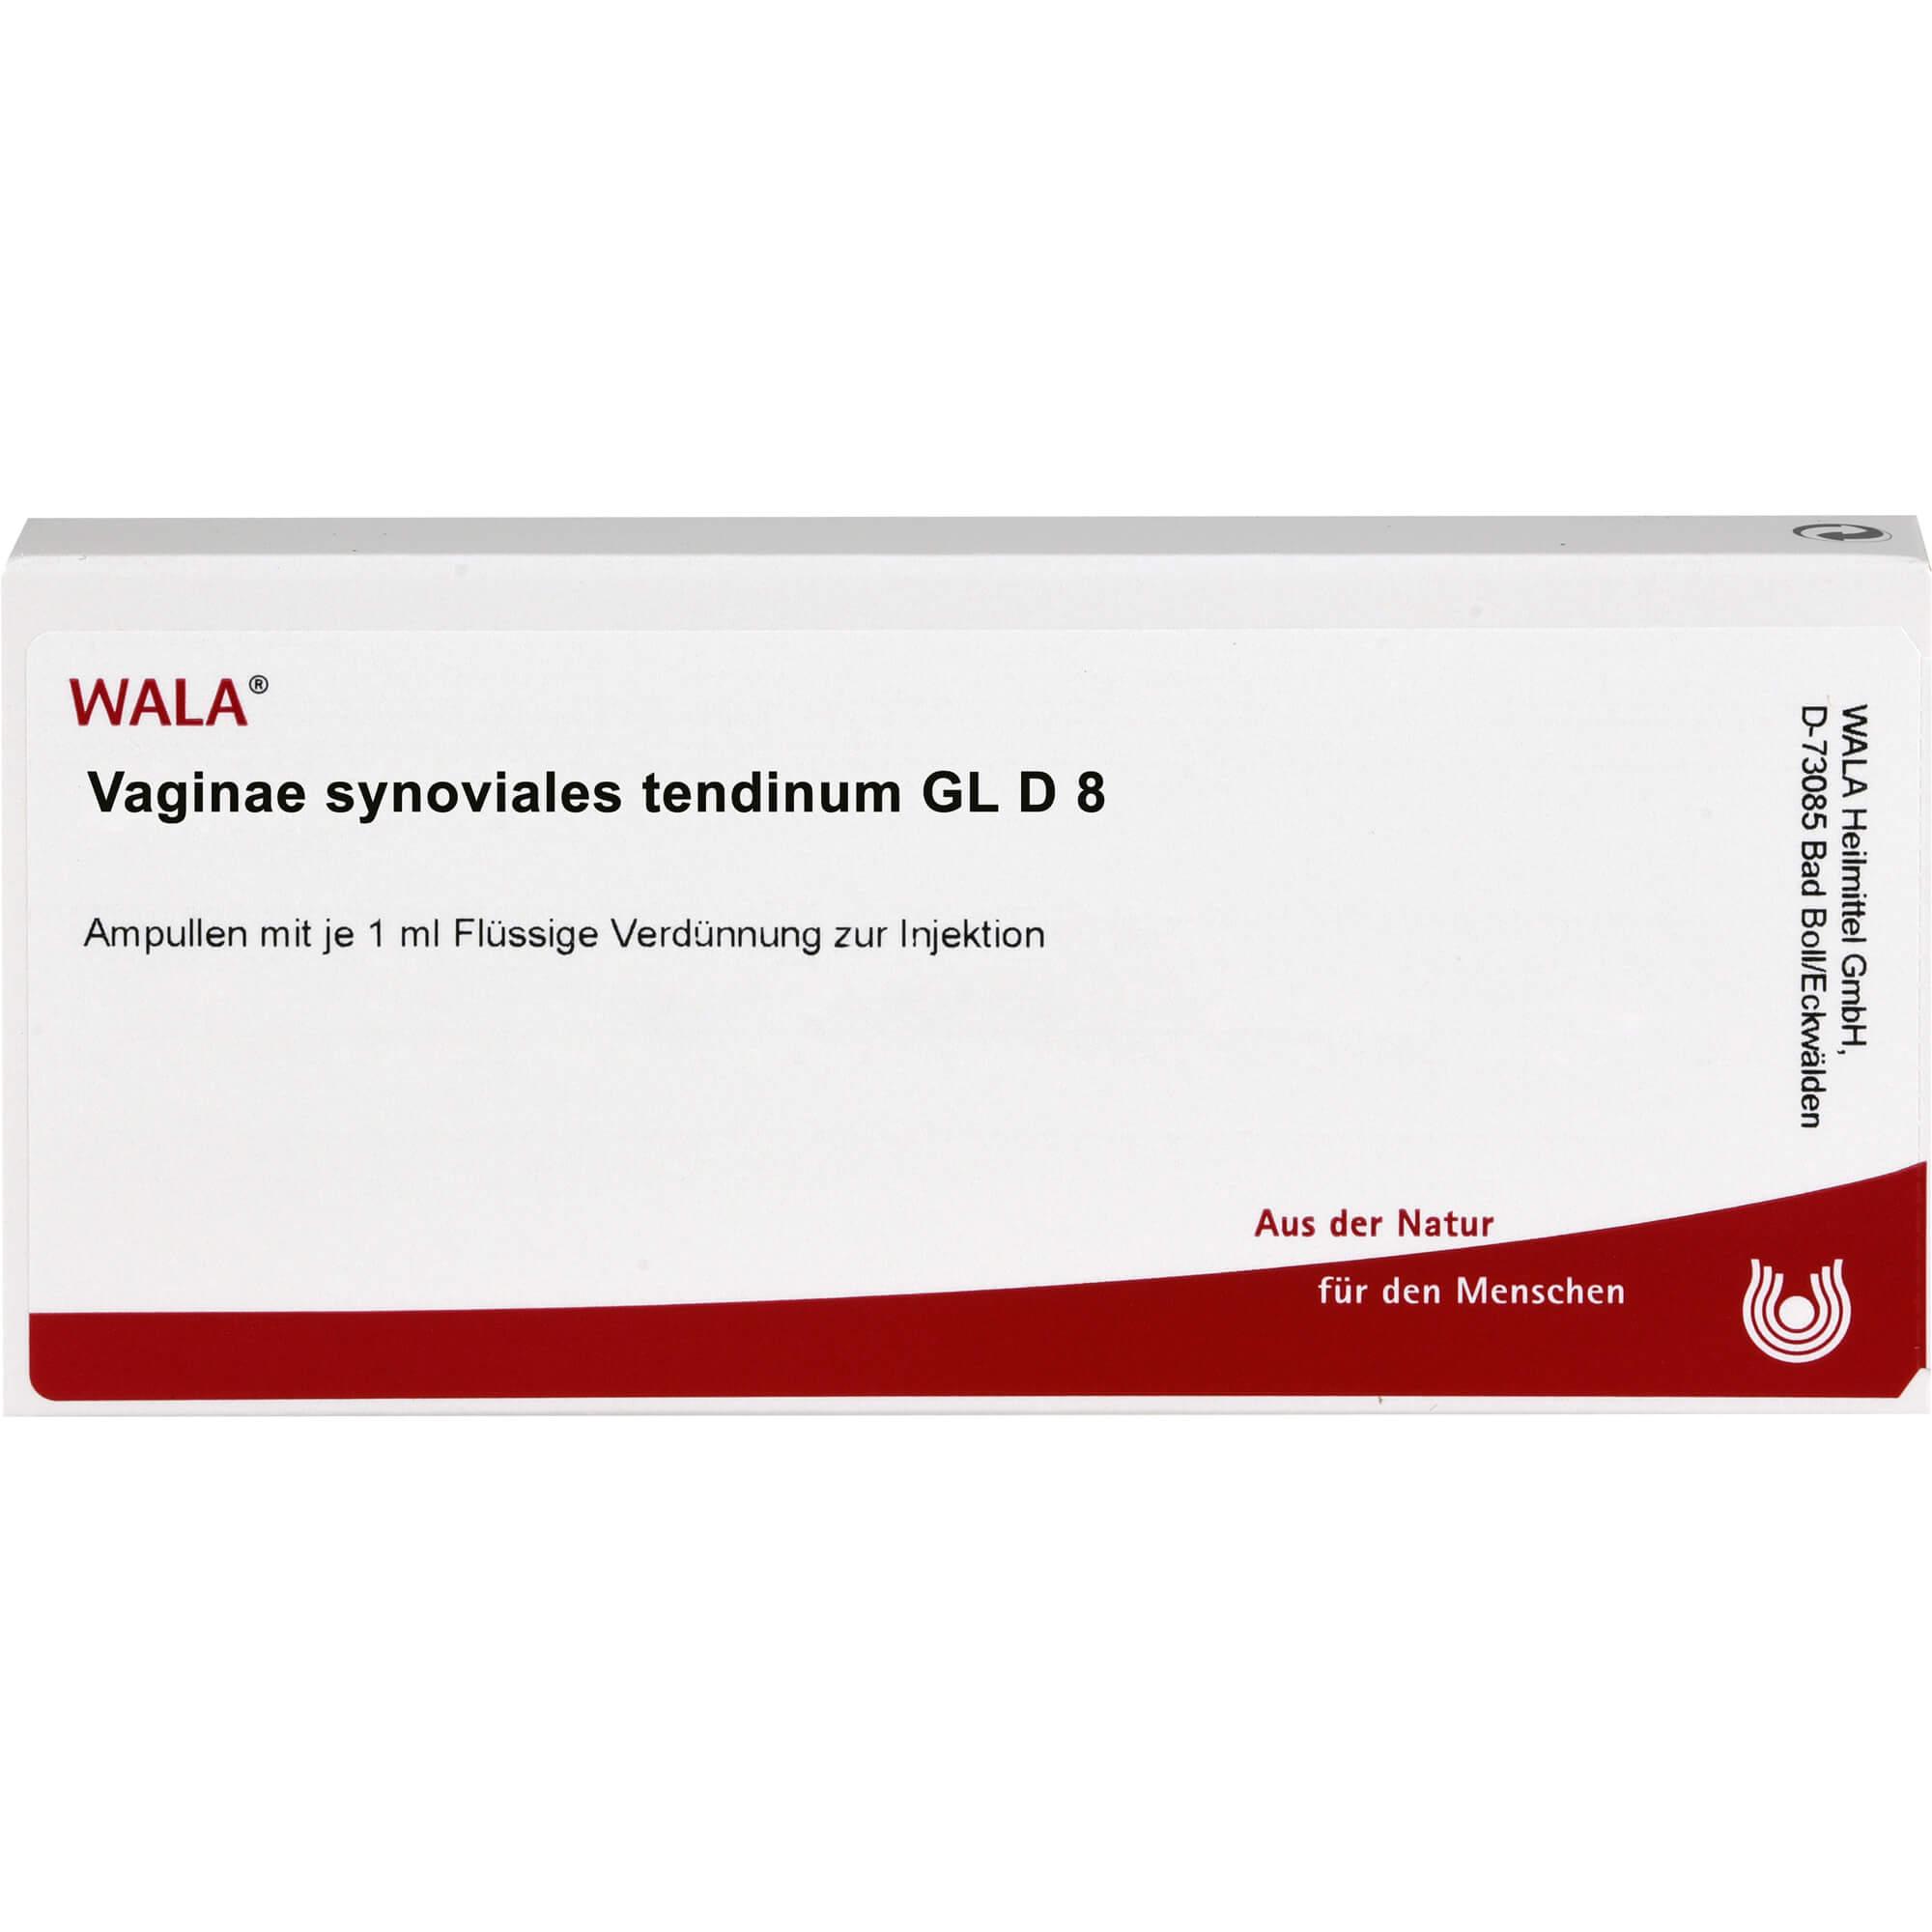 VAGINAE synoviales tendinum GL D 8 Ampullen